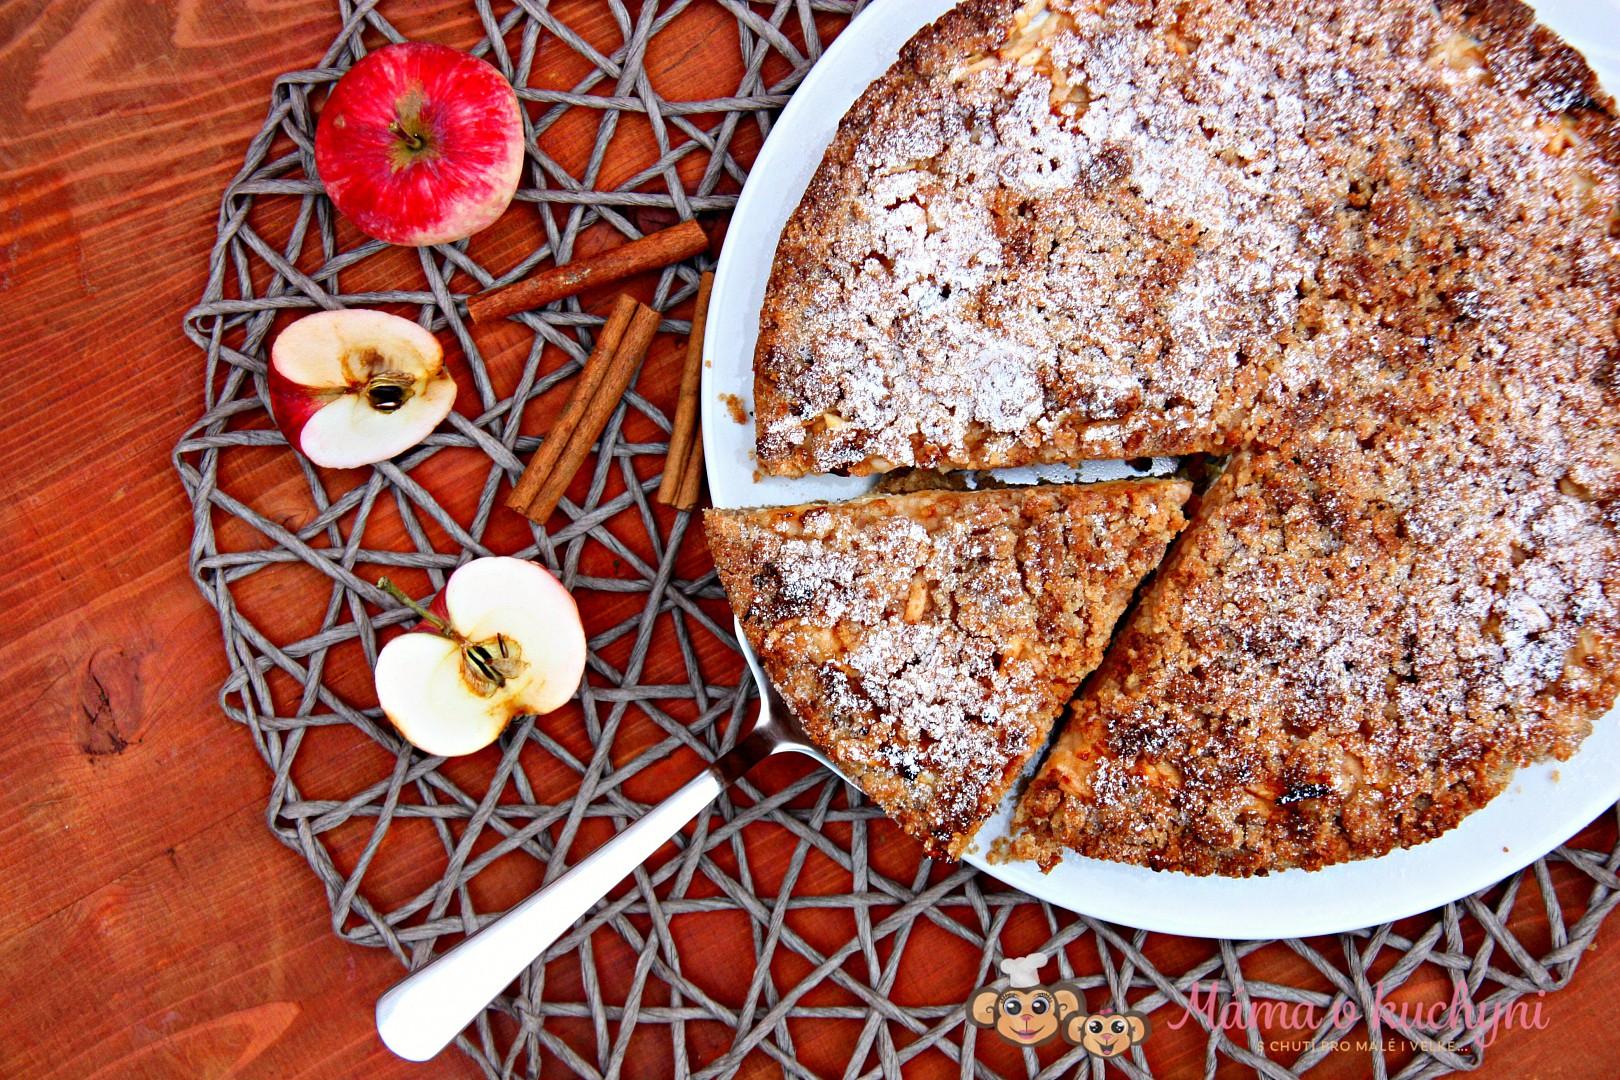 Střapatý jablečný koláč s tvarohem